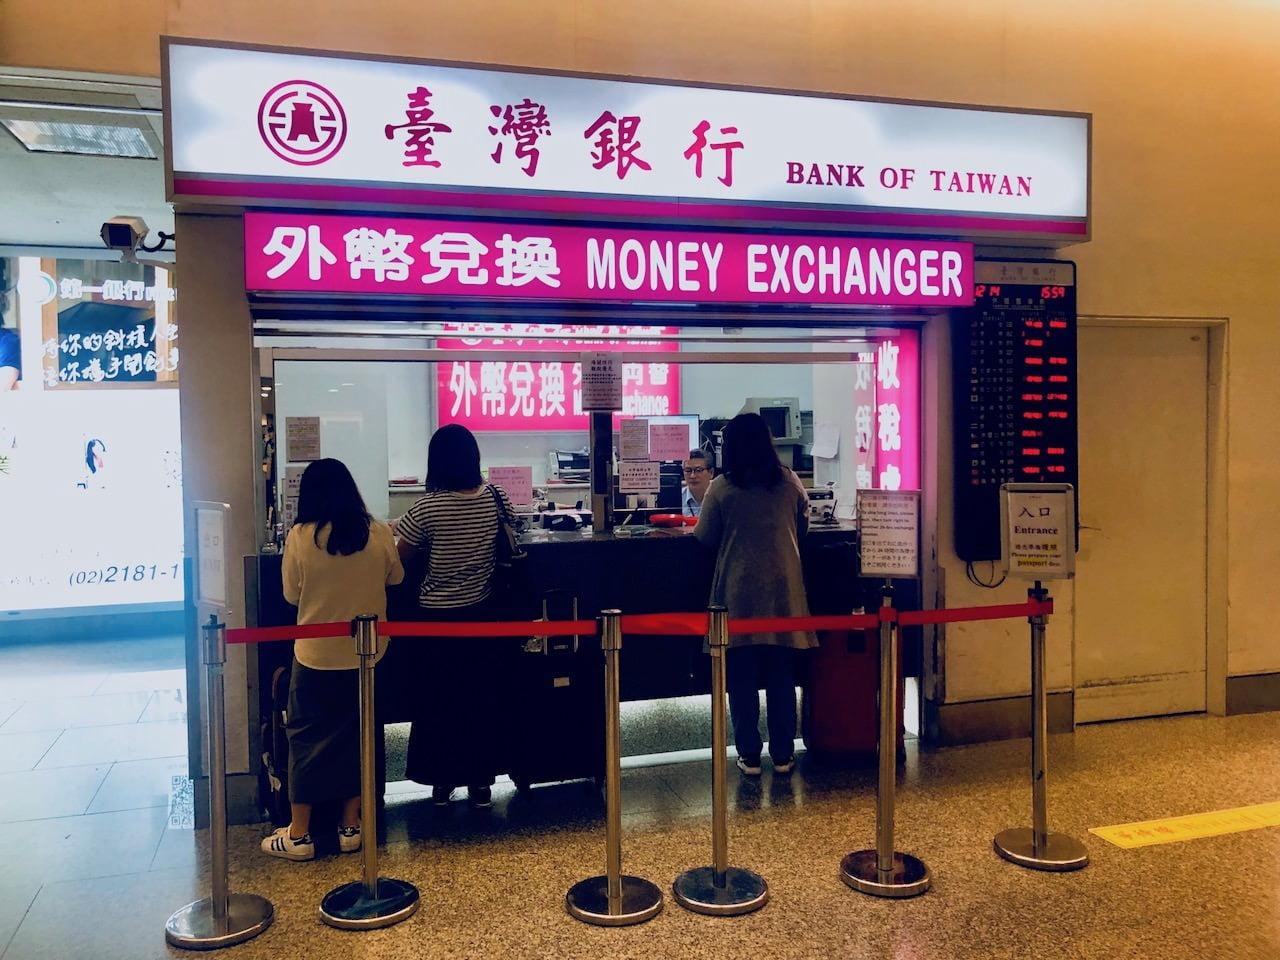 桃園空港第1ターミナル入国荷物ピックアップ場所にある台湾銀行